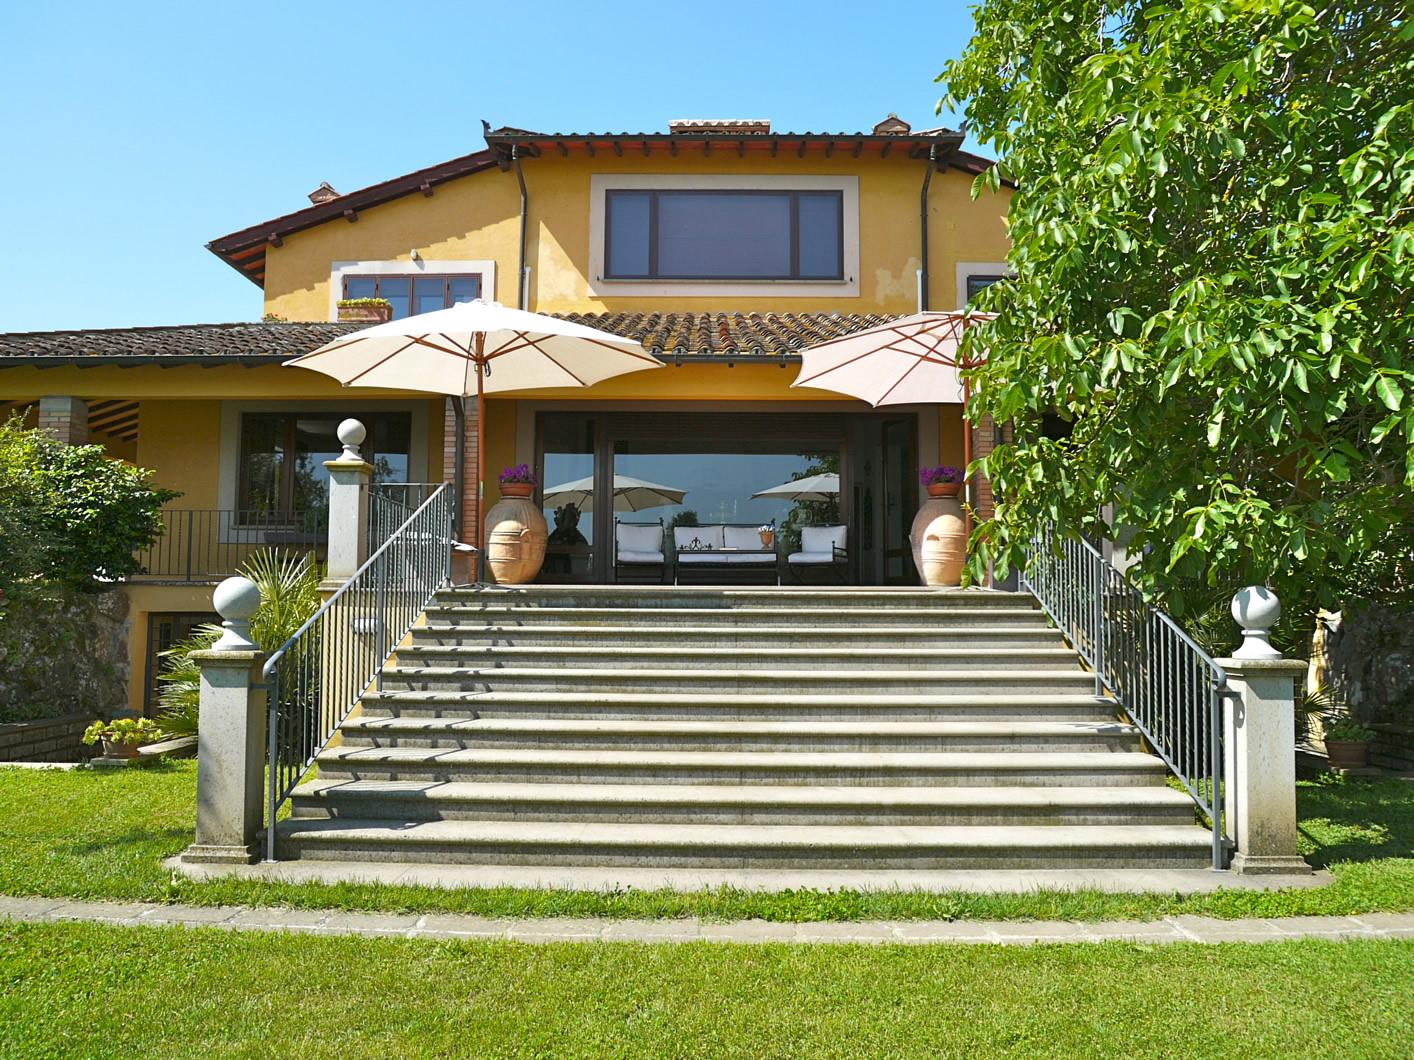 una casa sul lago di bracciano maria laura berlinguer